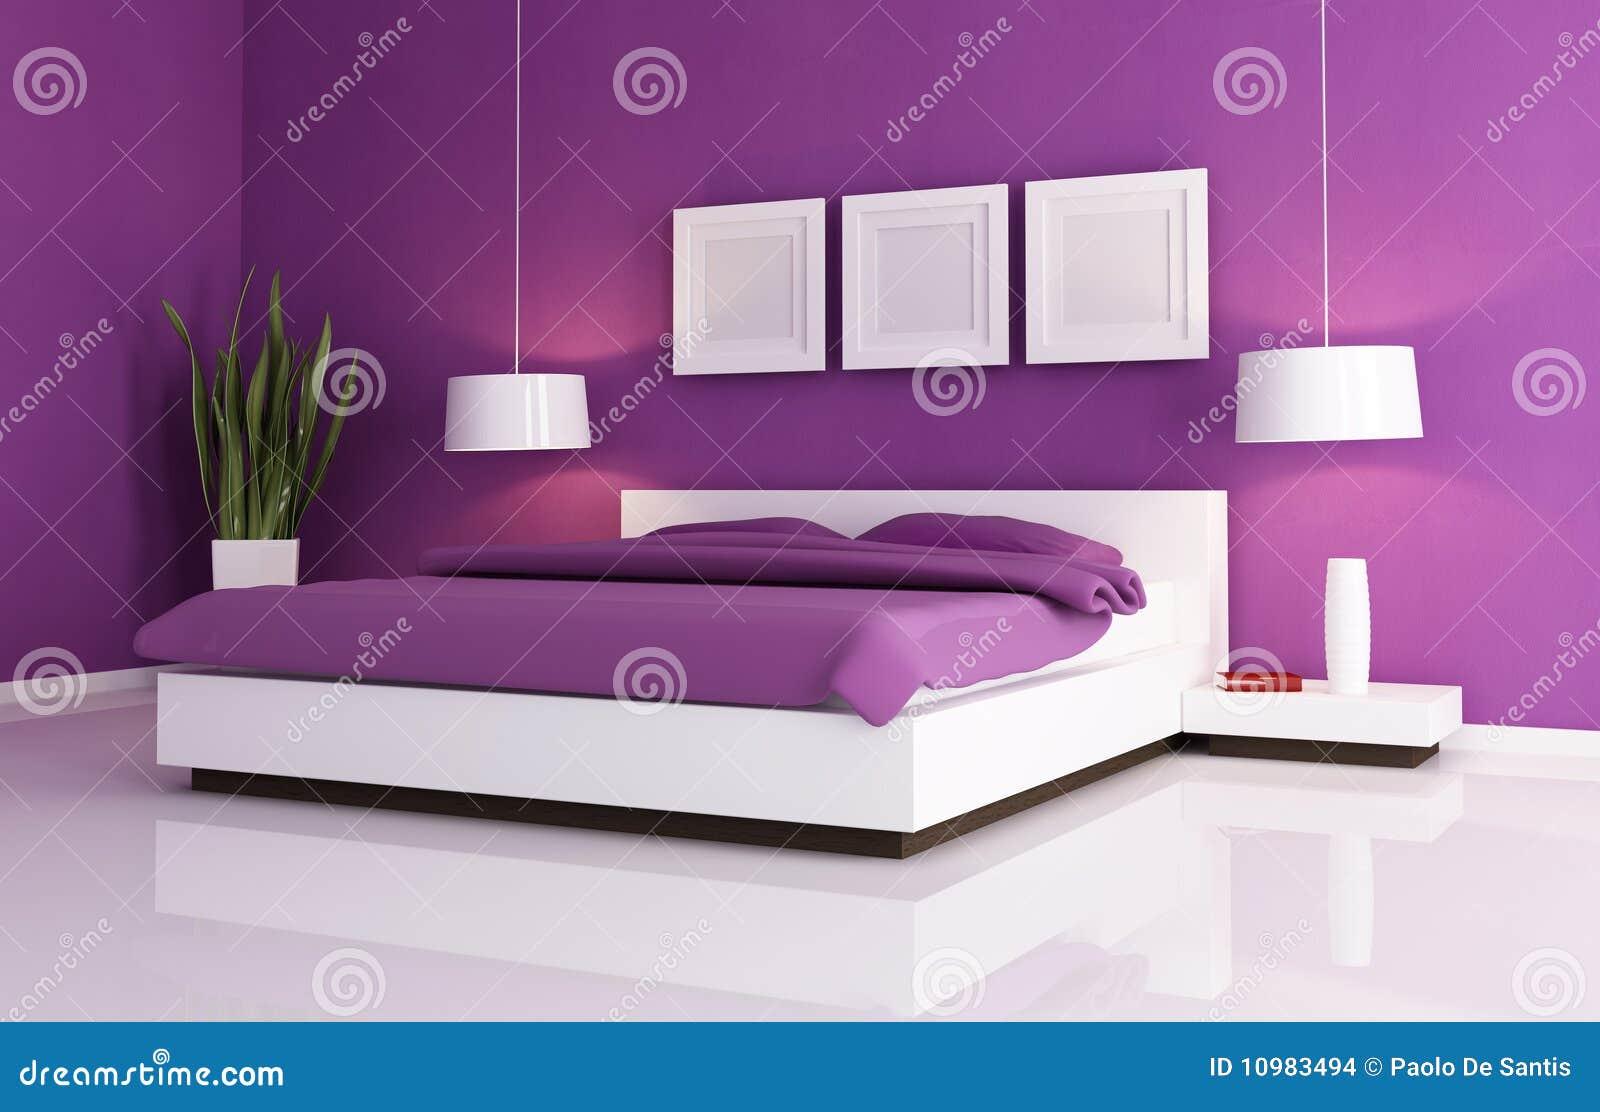 Camera da letto viola e bianca immagini stock immagine - Disegni camera da letto ...